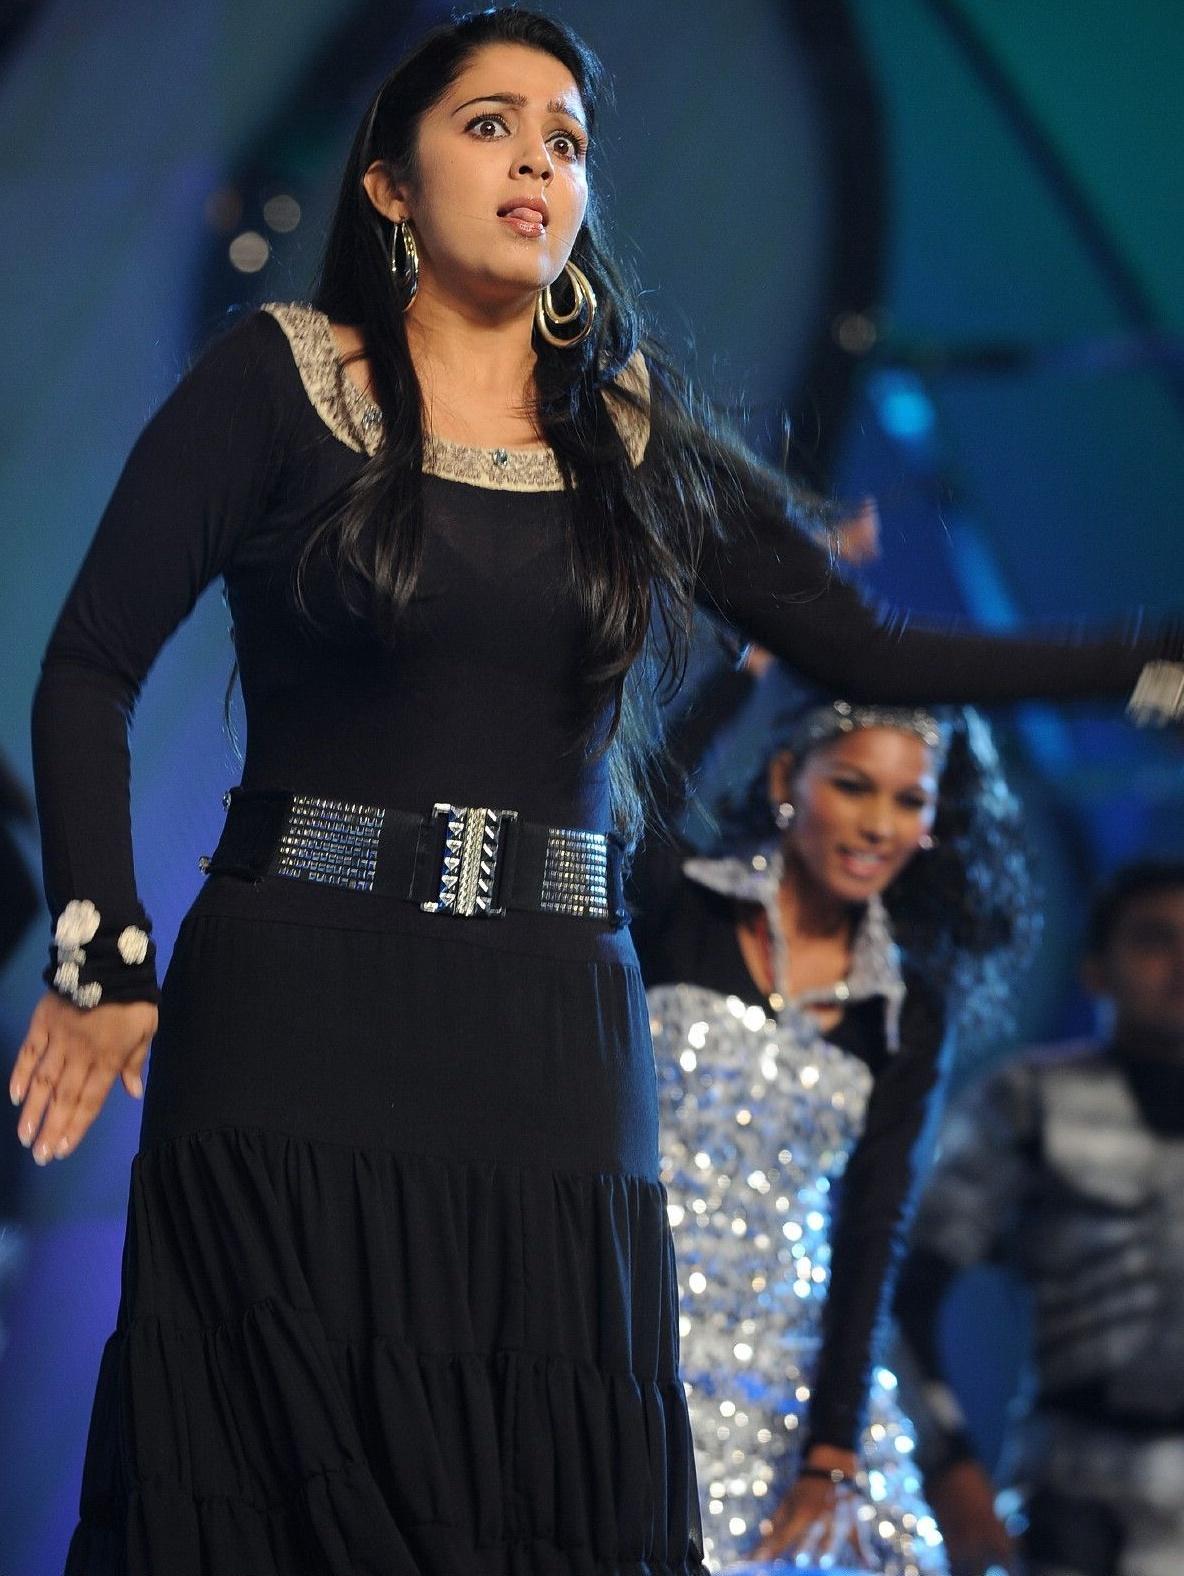 http://1.bp.blogspot.com/-l4pJ0Bm_suU/TgnKfH6y4YI/AAAAAAAALMs/S6CLznKkybs/s1600/Charmi+in+Hot+Black+Dress+Dancing+Pics+%25284%2529.jpg